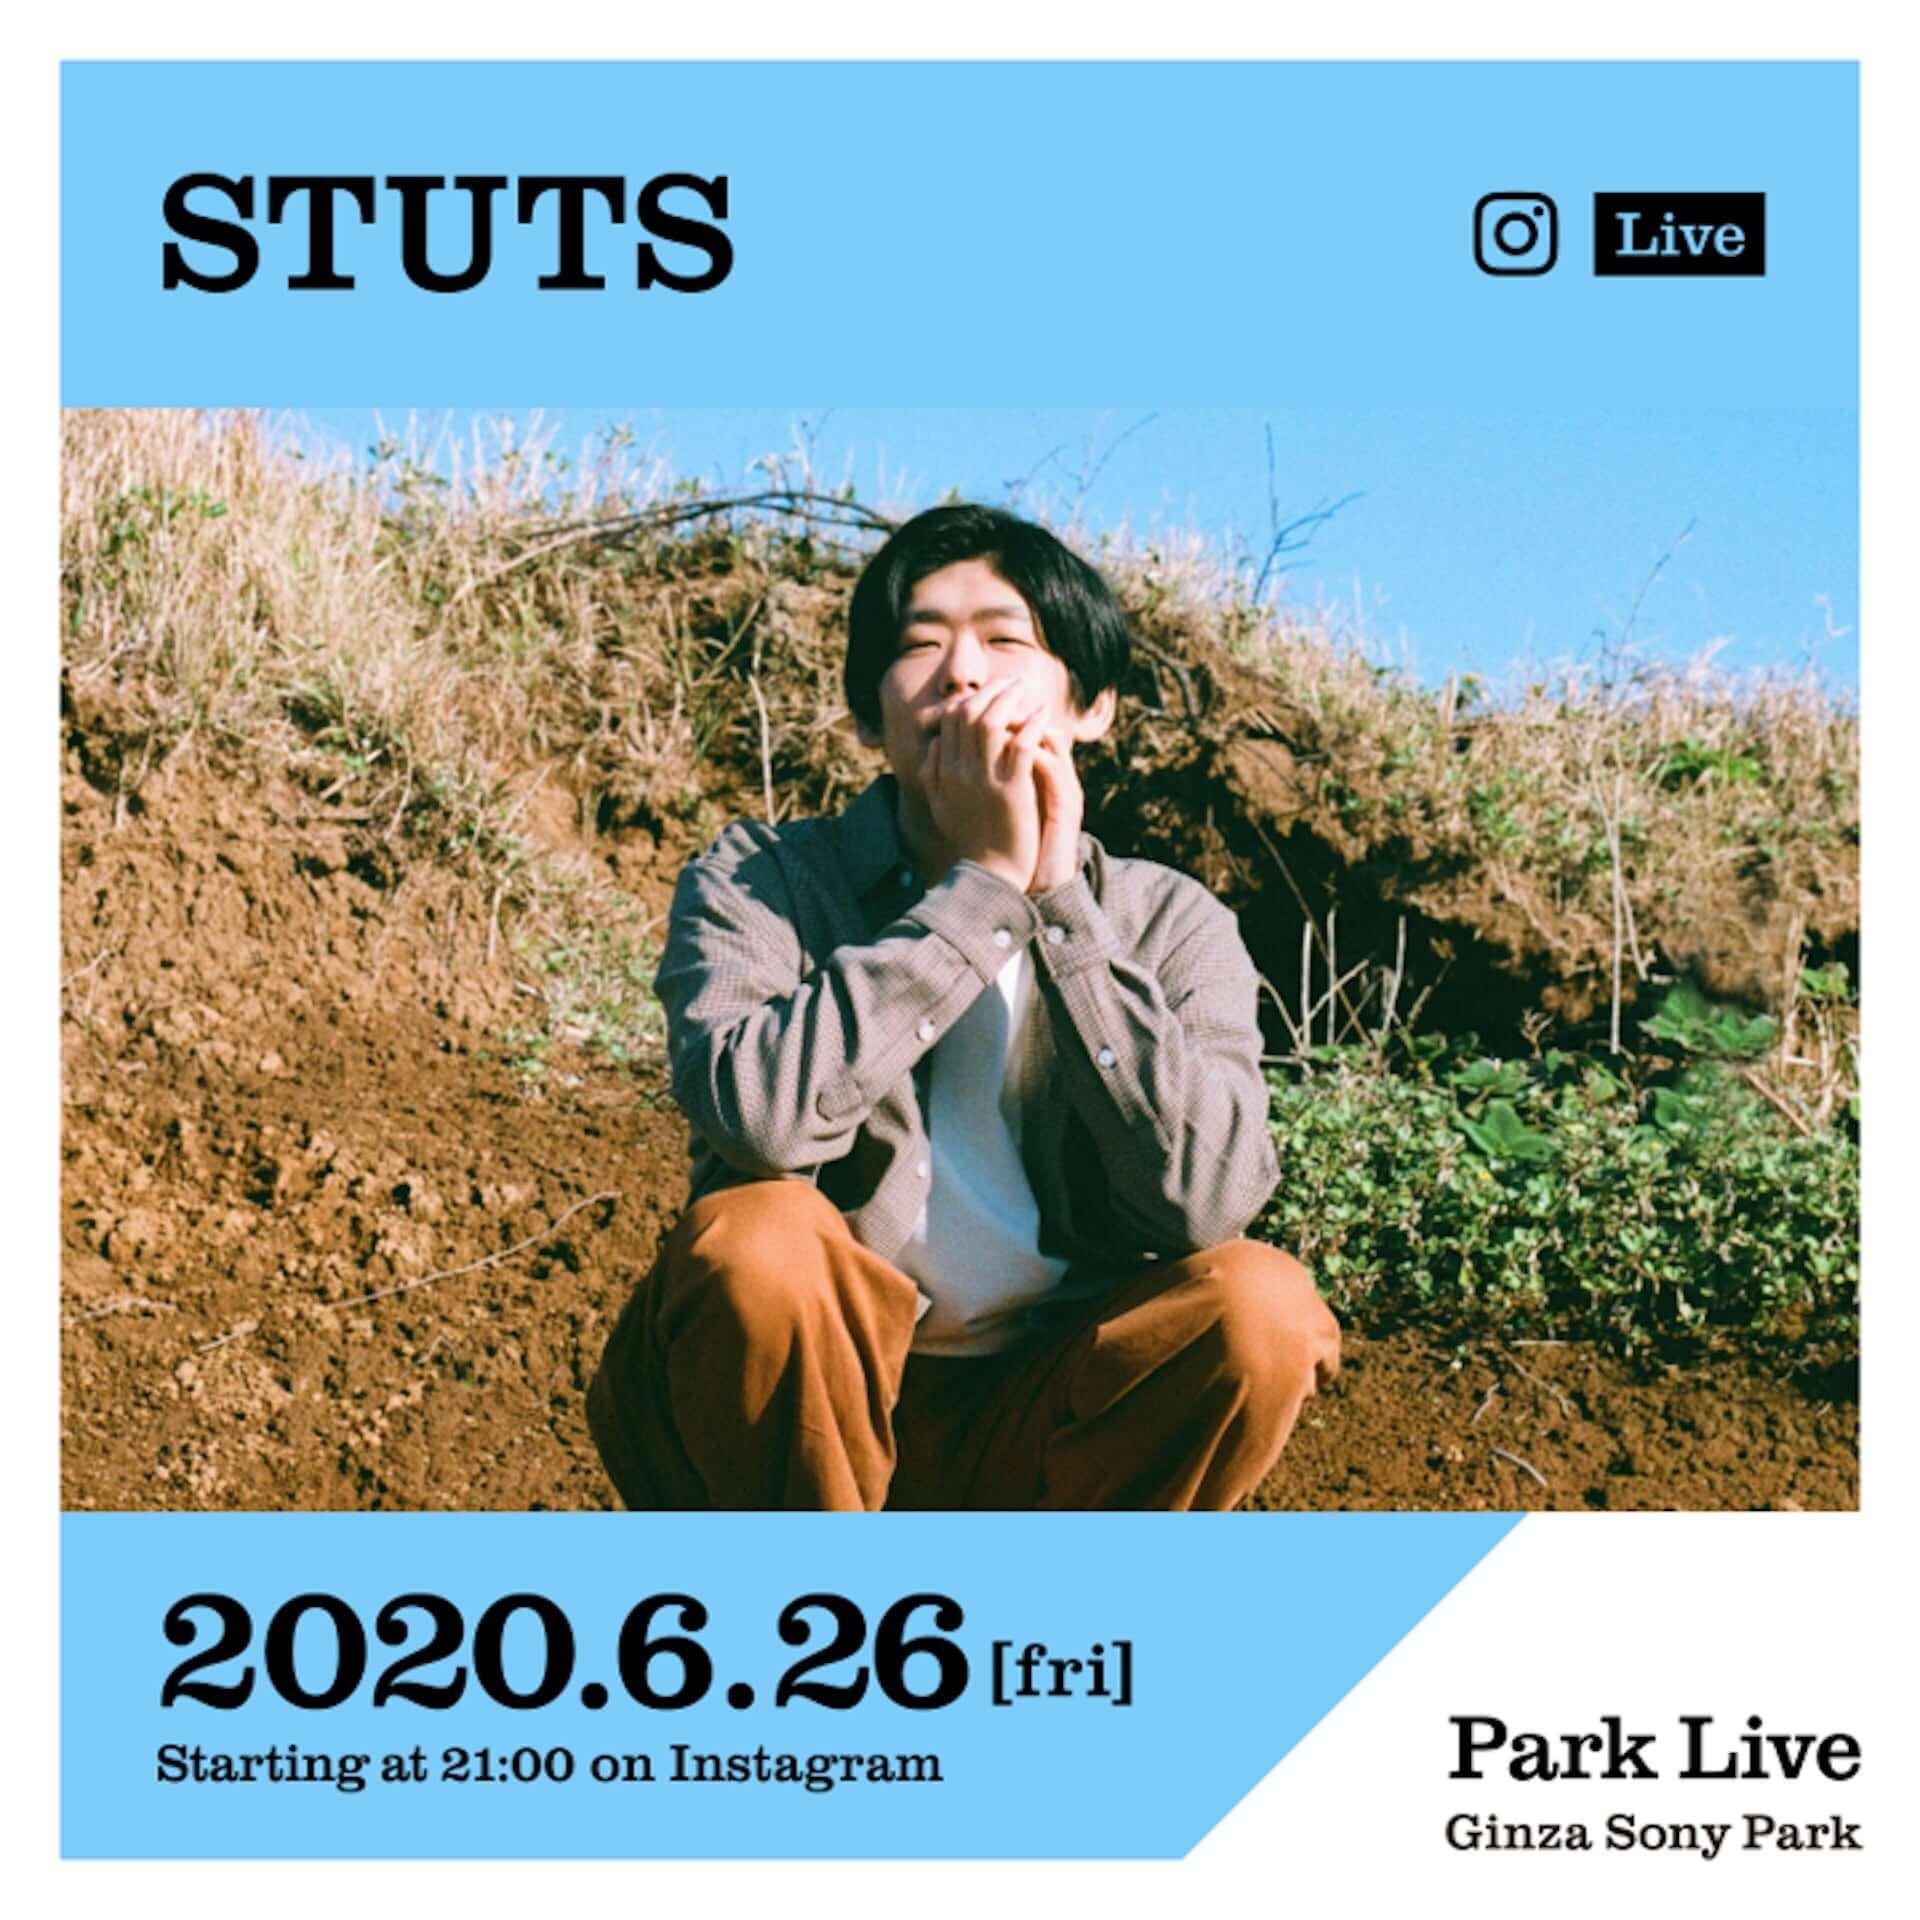 STUTSとミツメ・川辺素が、Ginza Sony Parkの配信ライブ<Park Live>に出演決定!自宅/スタジオから生演奏 music200624_parklive_1-1920x1920